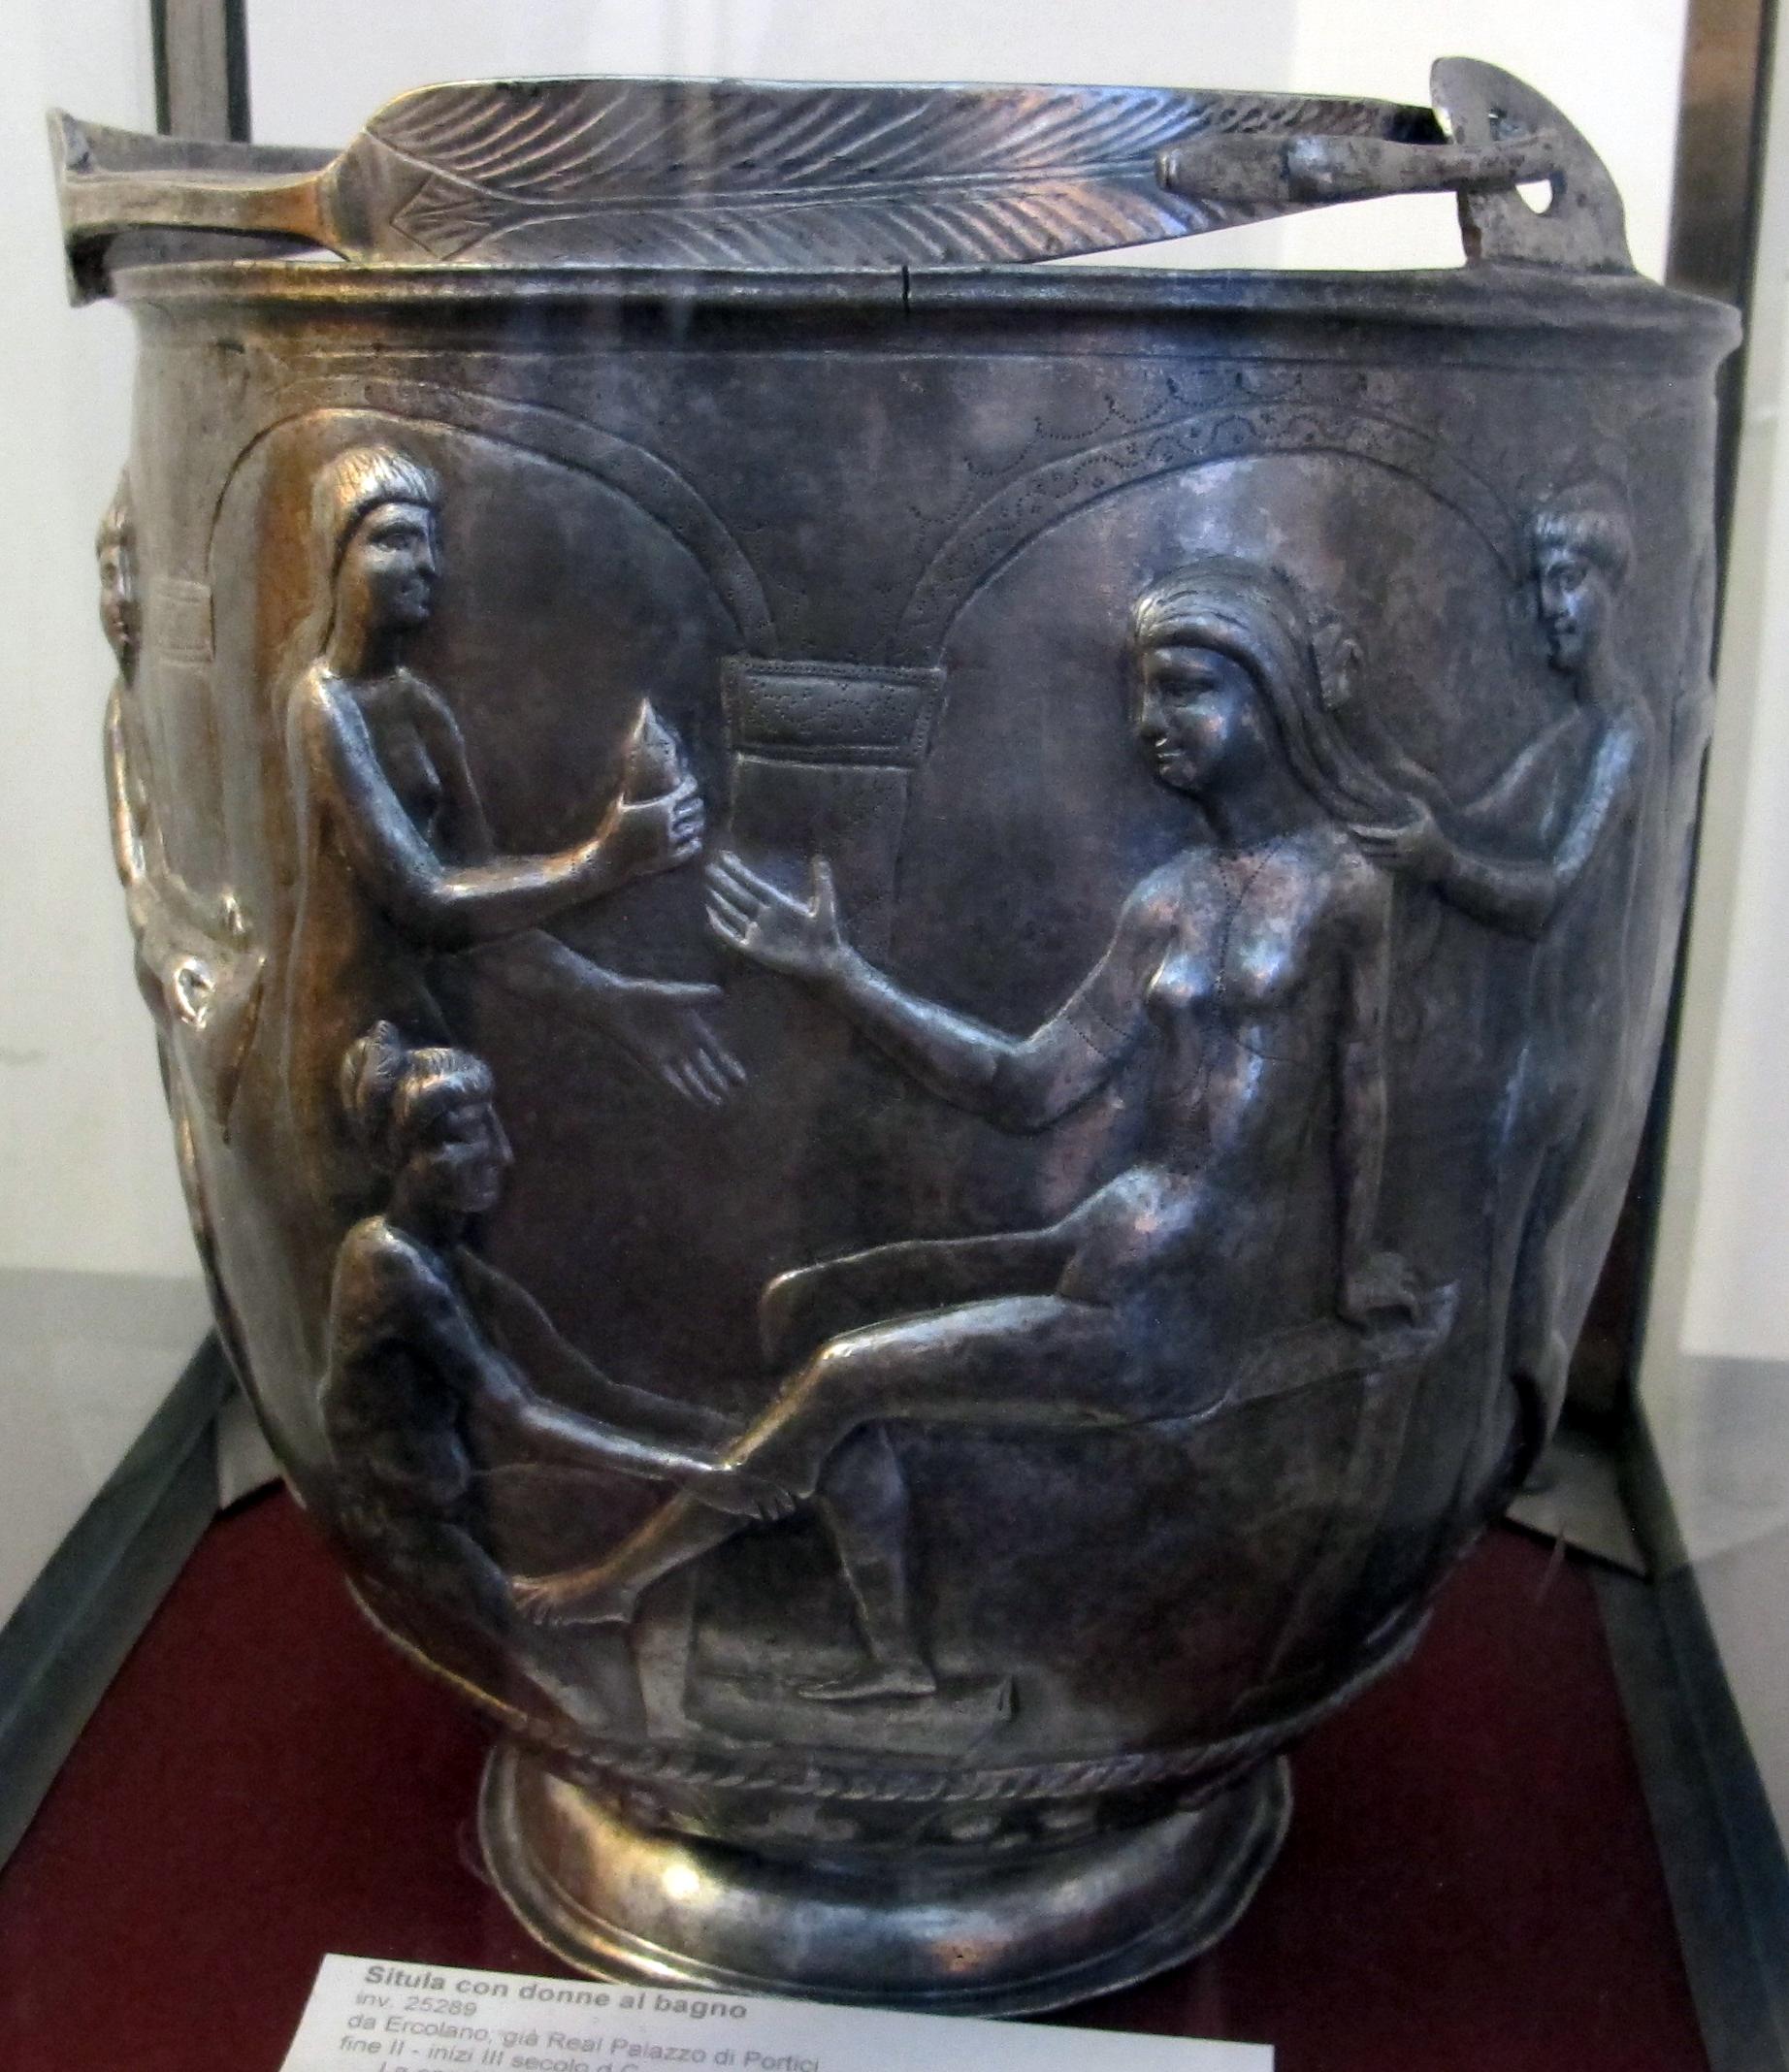 File situla in argento con donne al bagno da ercolano 190 210 dc ca 01 jpg wikipedia - Ragazze al bagno ...